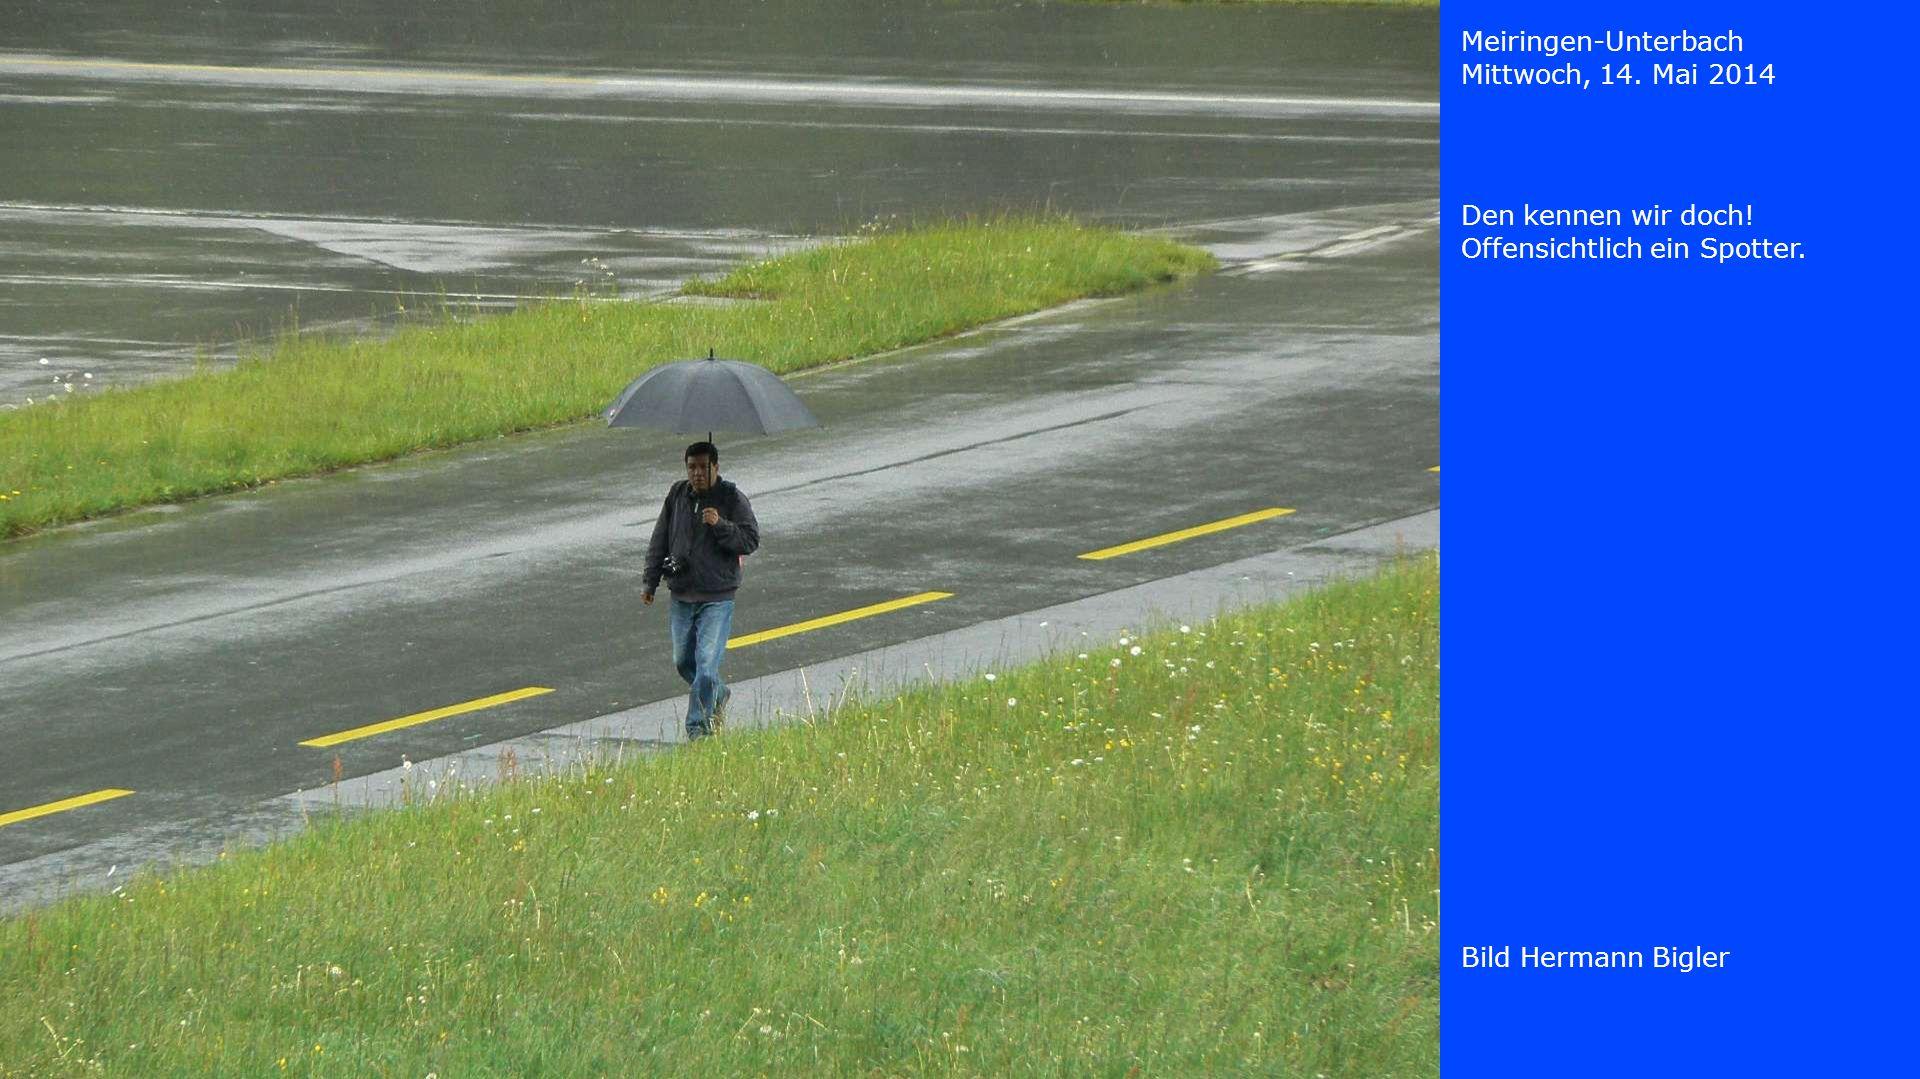 Meiringen-Unterbach Mittwoch, 14. Mai 2014 Bild Hermann Bigler Den kennen wir doch! Offensichtlich ein Spotter.